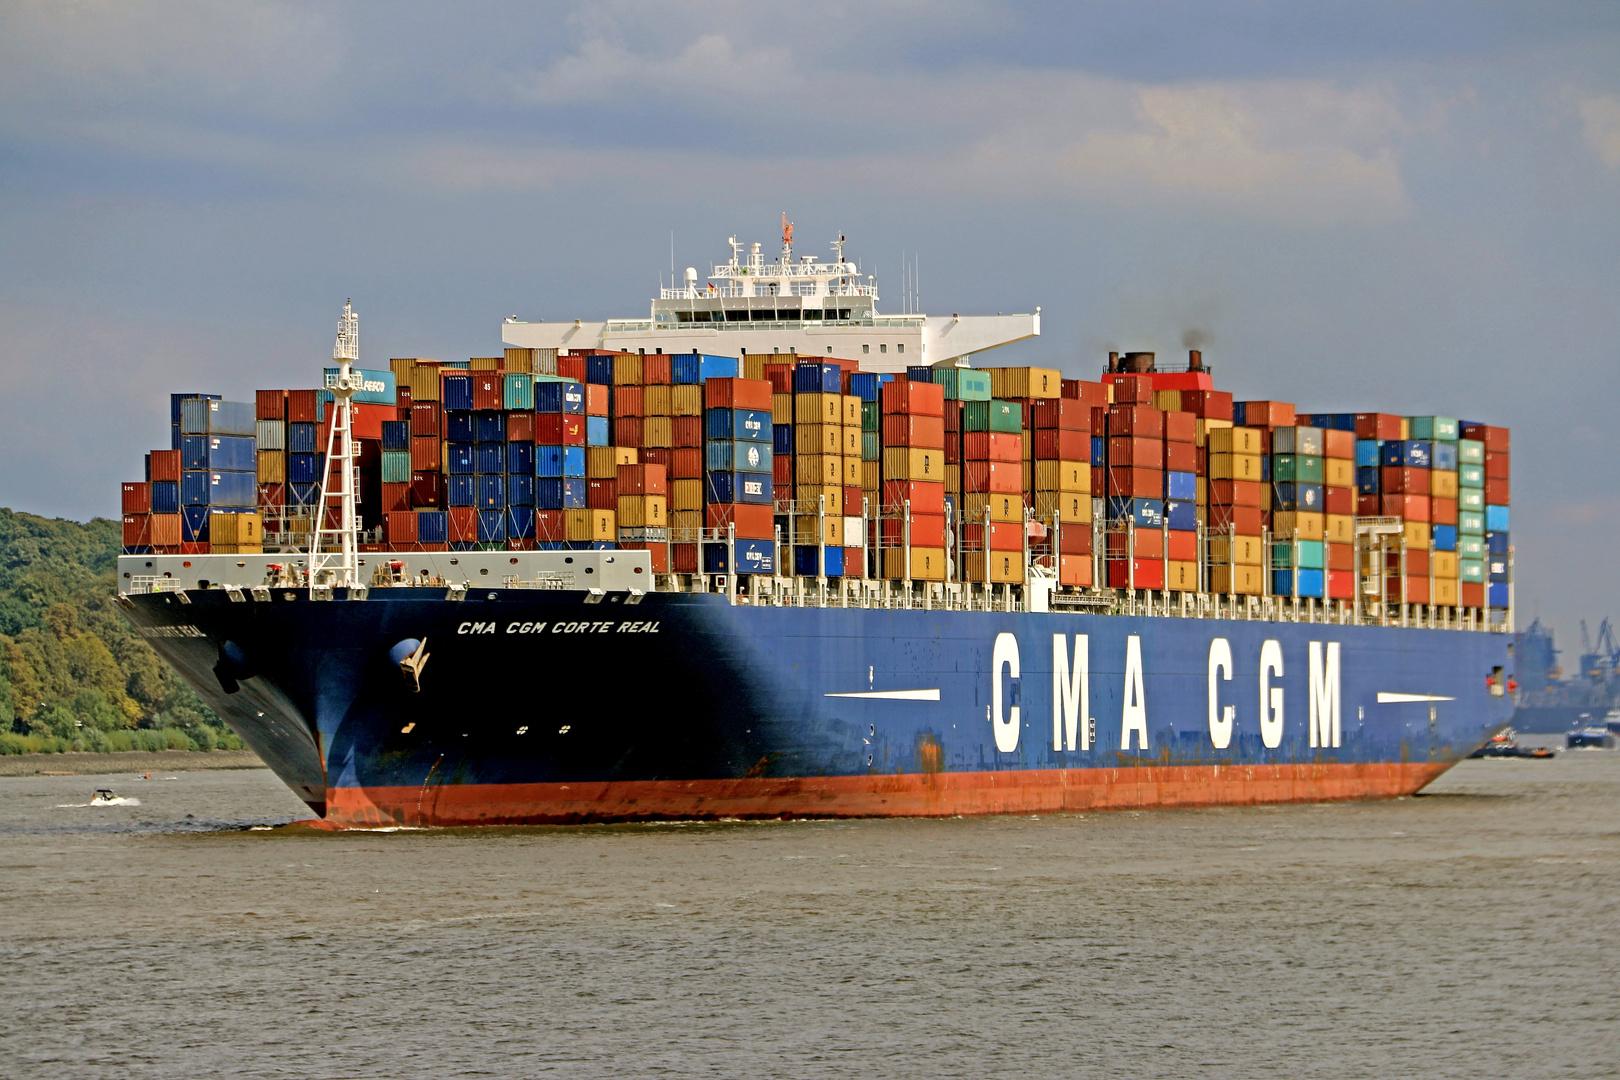 CMA CGM Corte Real